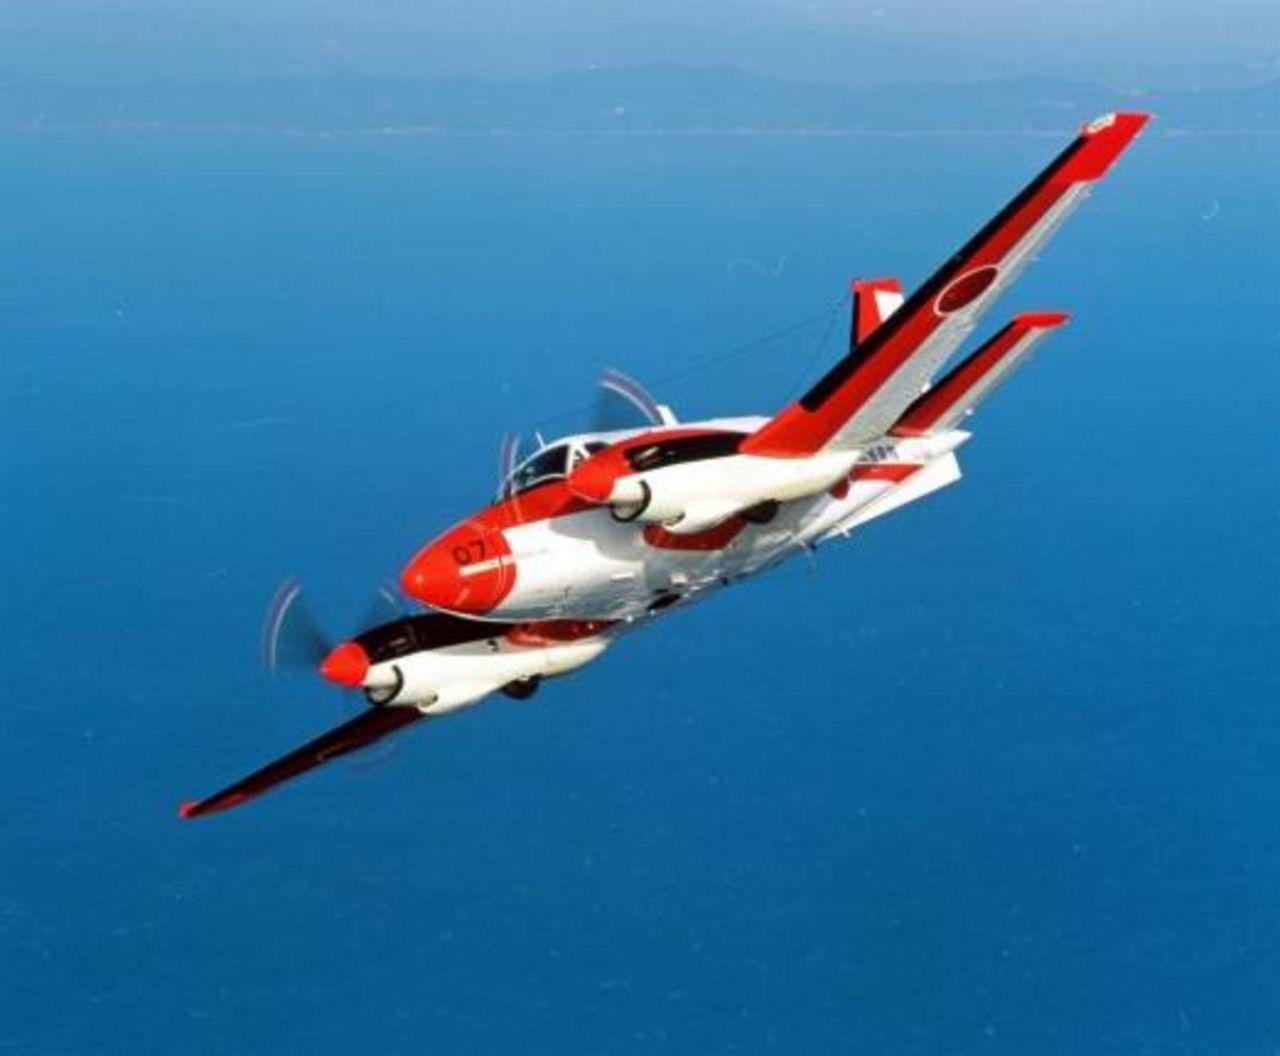 Fuerzas Armadas de Filipinas - Armada - Fuerzas Especiales- Fuerza Aerea - Ejercito - notas, equipos, inversiones y noticias Philippines_borrowing_planes_from_Japan_TC_90_to